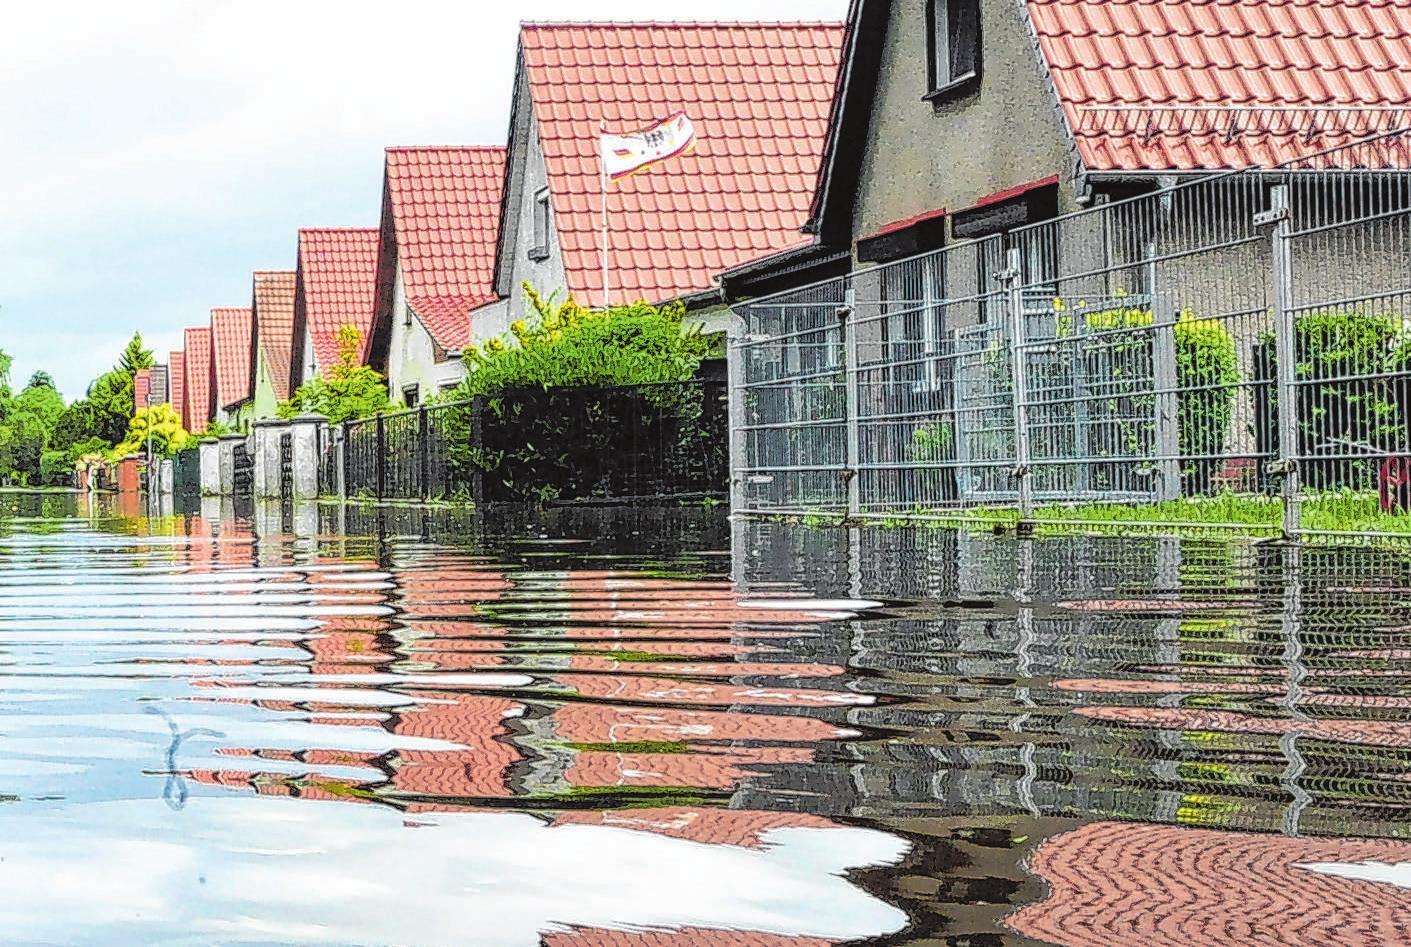 Stark- und Dauerregen, der Straßen und Häuser flutet, ist in Deutschland keine Seltenheit mehr. Foto: Russew/dpa